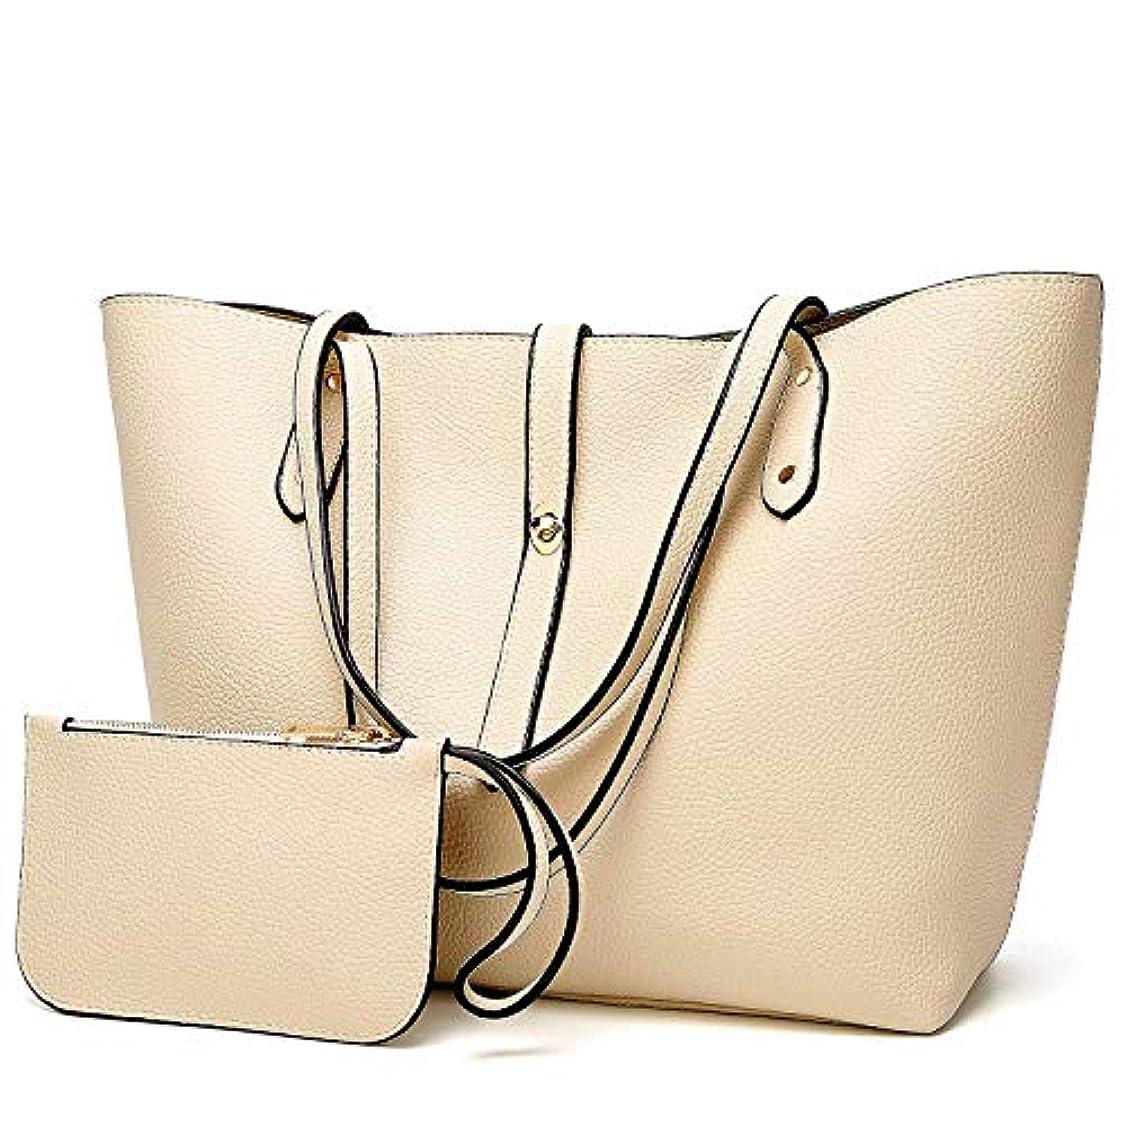 恨み遠えカウンタ[TcIFE] ハンドバッグ レディース トートバッグ 大容量 無地 ショルダーバッグ 2way 財布とハンドバッグ